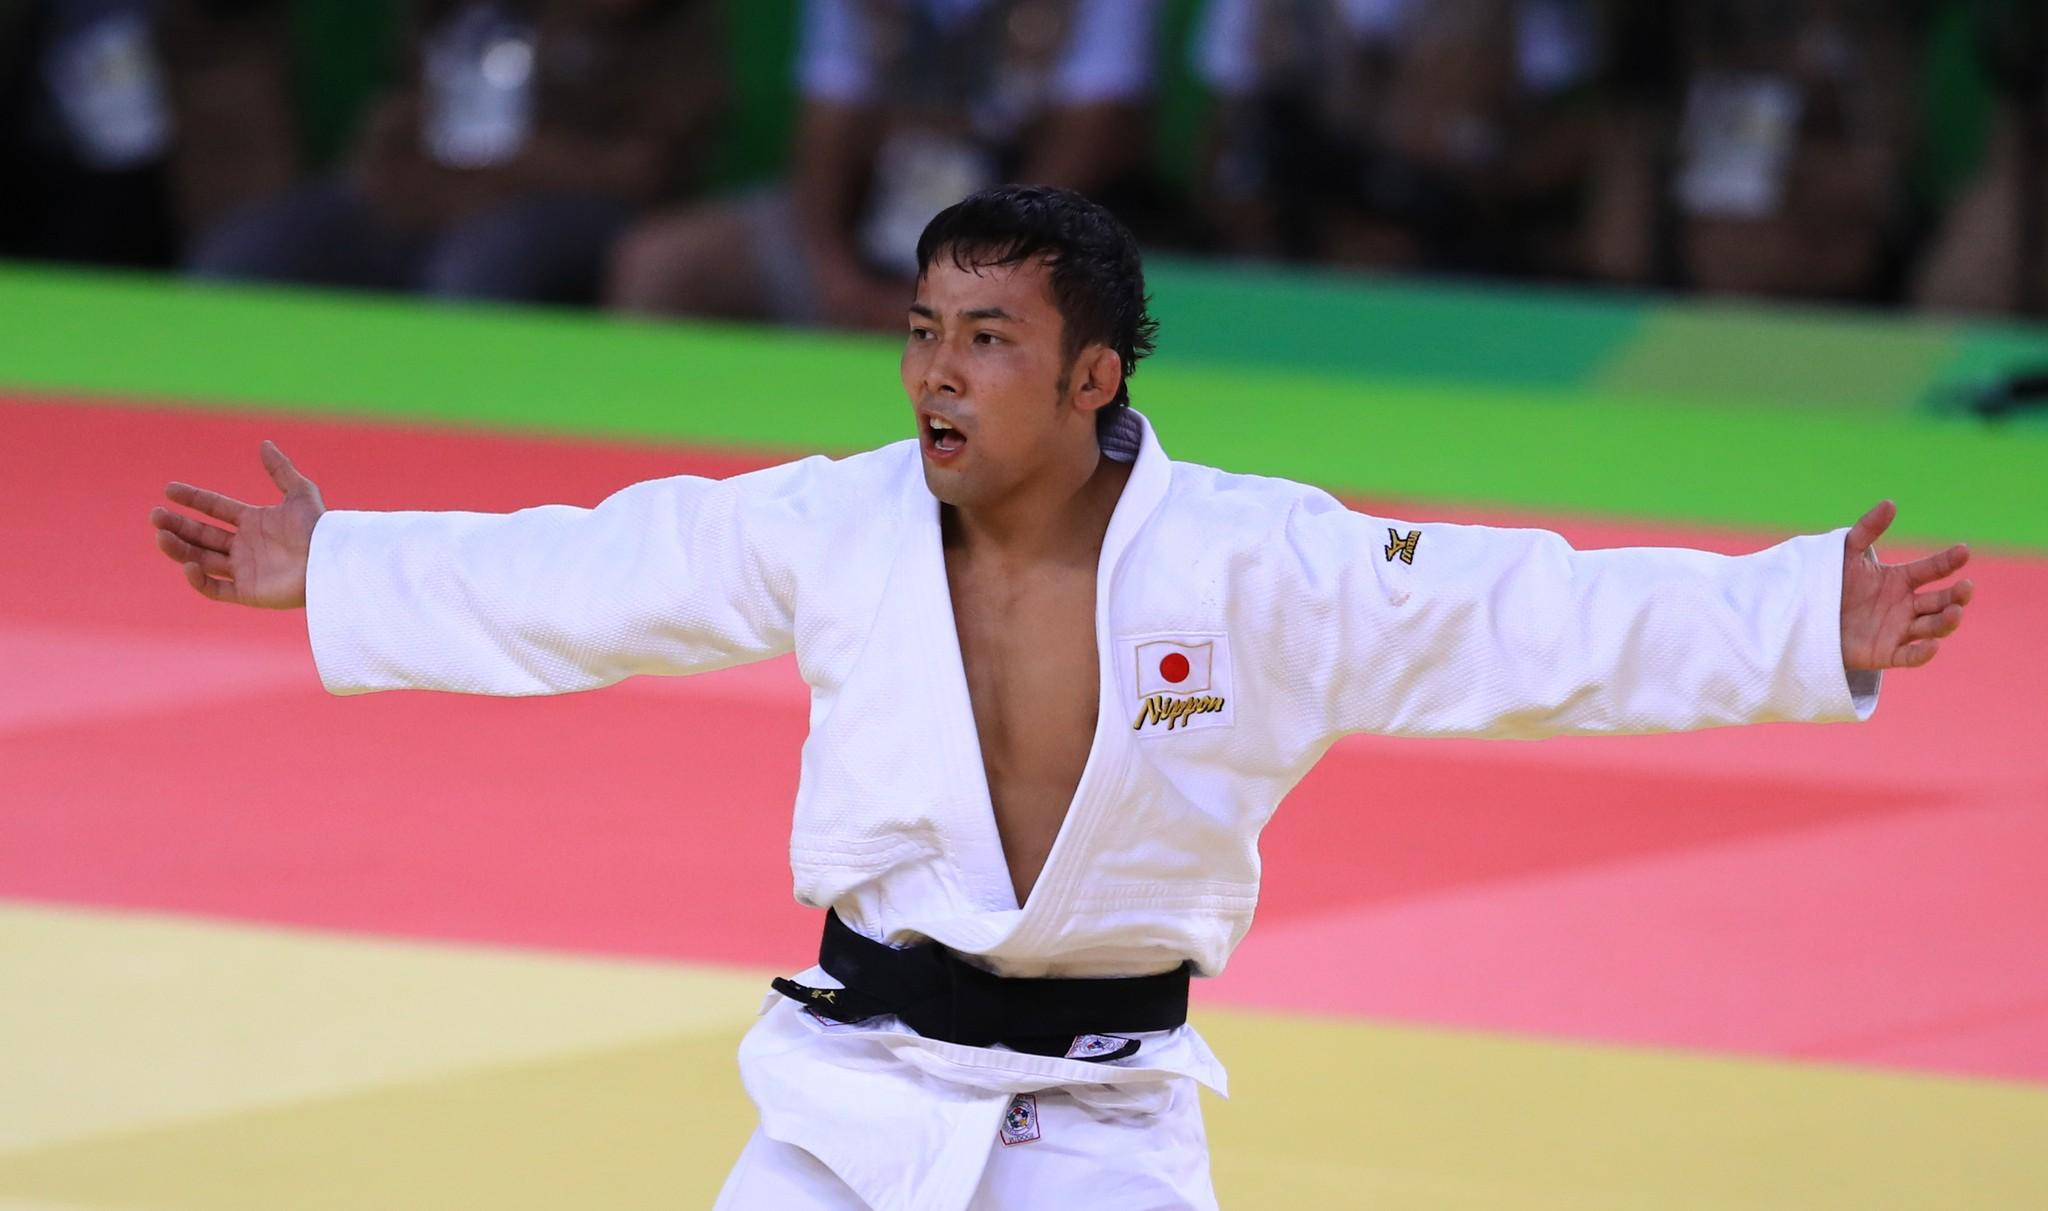 試合で勝利し、両手を上げて喜ぶ高藤直寿選手=2016年8月、カリオカアリーナ